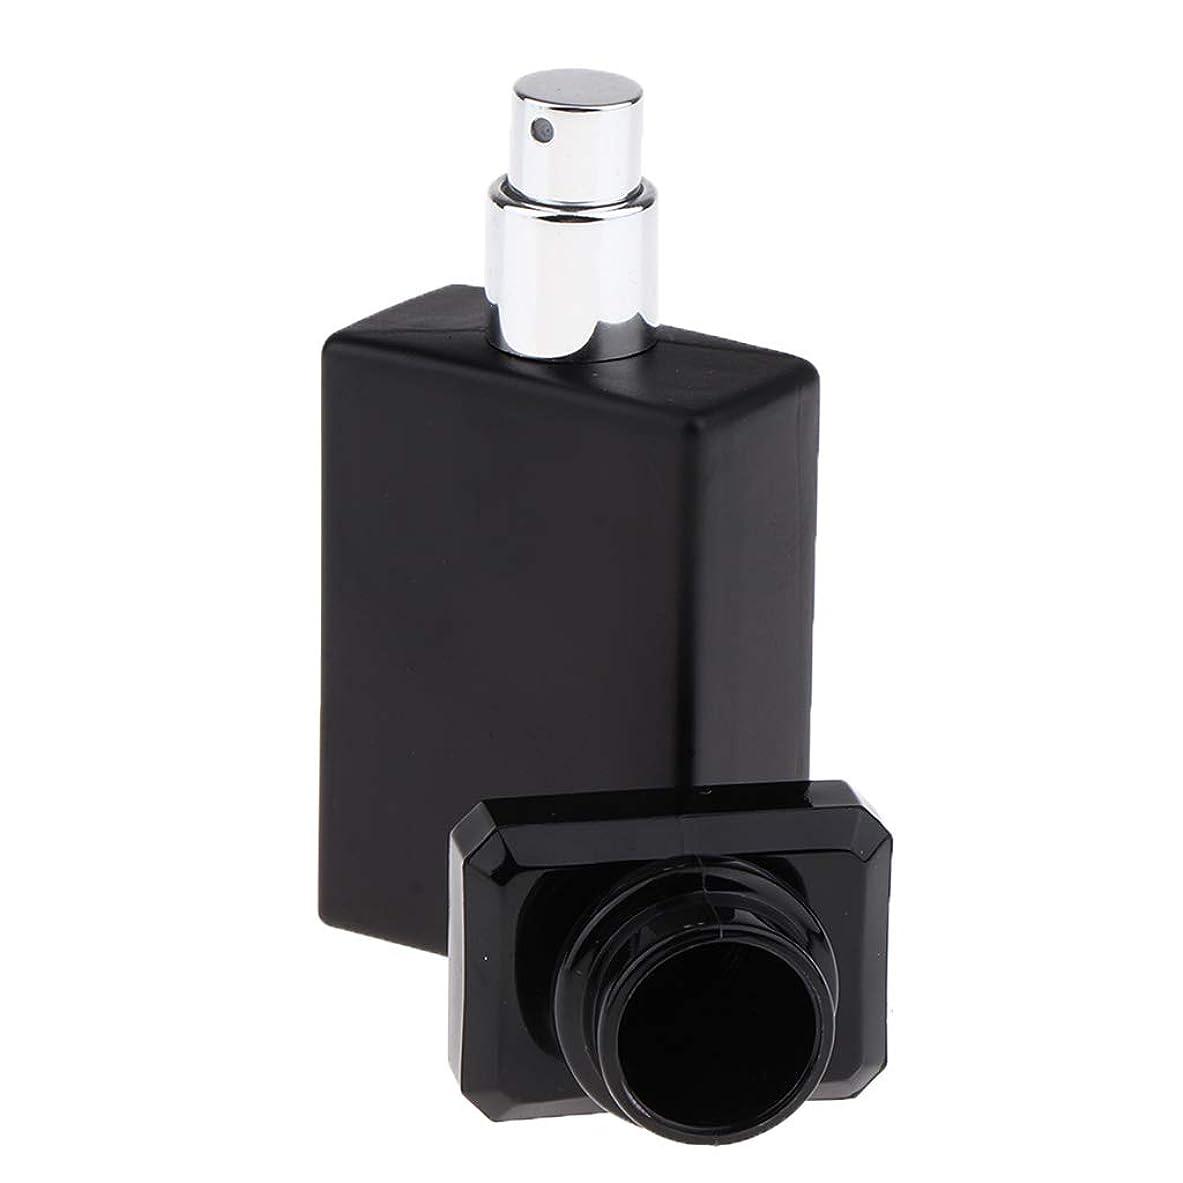 振幅急速なうぬぼれたSM SunniMix 香水ガラス瓶 ガラスボトル 香水瓶 アトマイザー 空のボトル スプレーボトル 化粧品ボトル 全2色選ぶ - ブラック